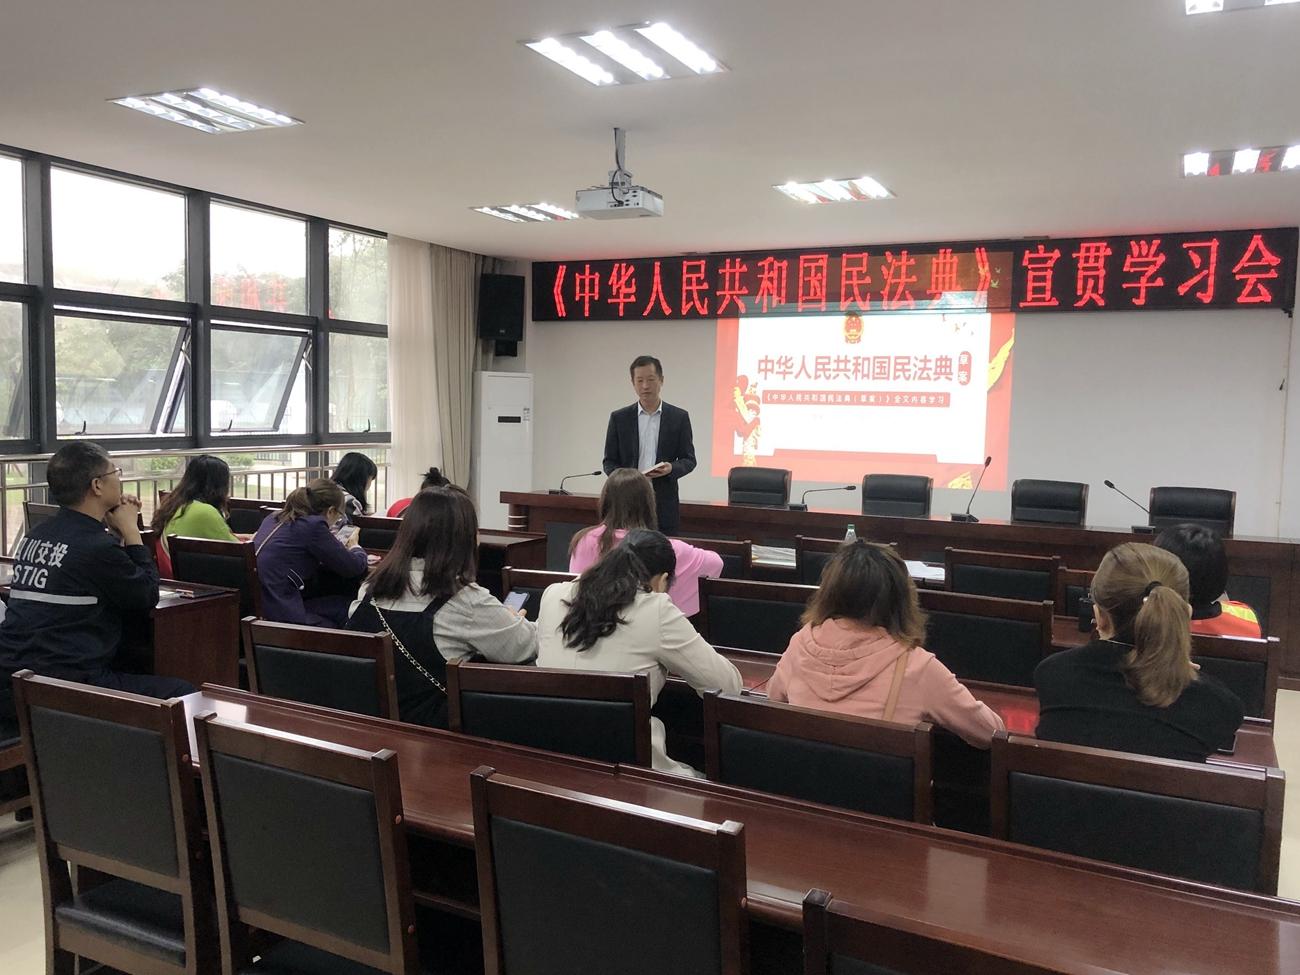 资阳管理处组织召开《中华人民共和国民法典》宣贯学习会